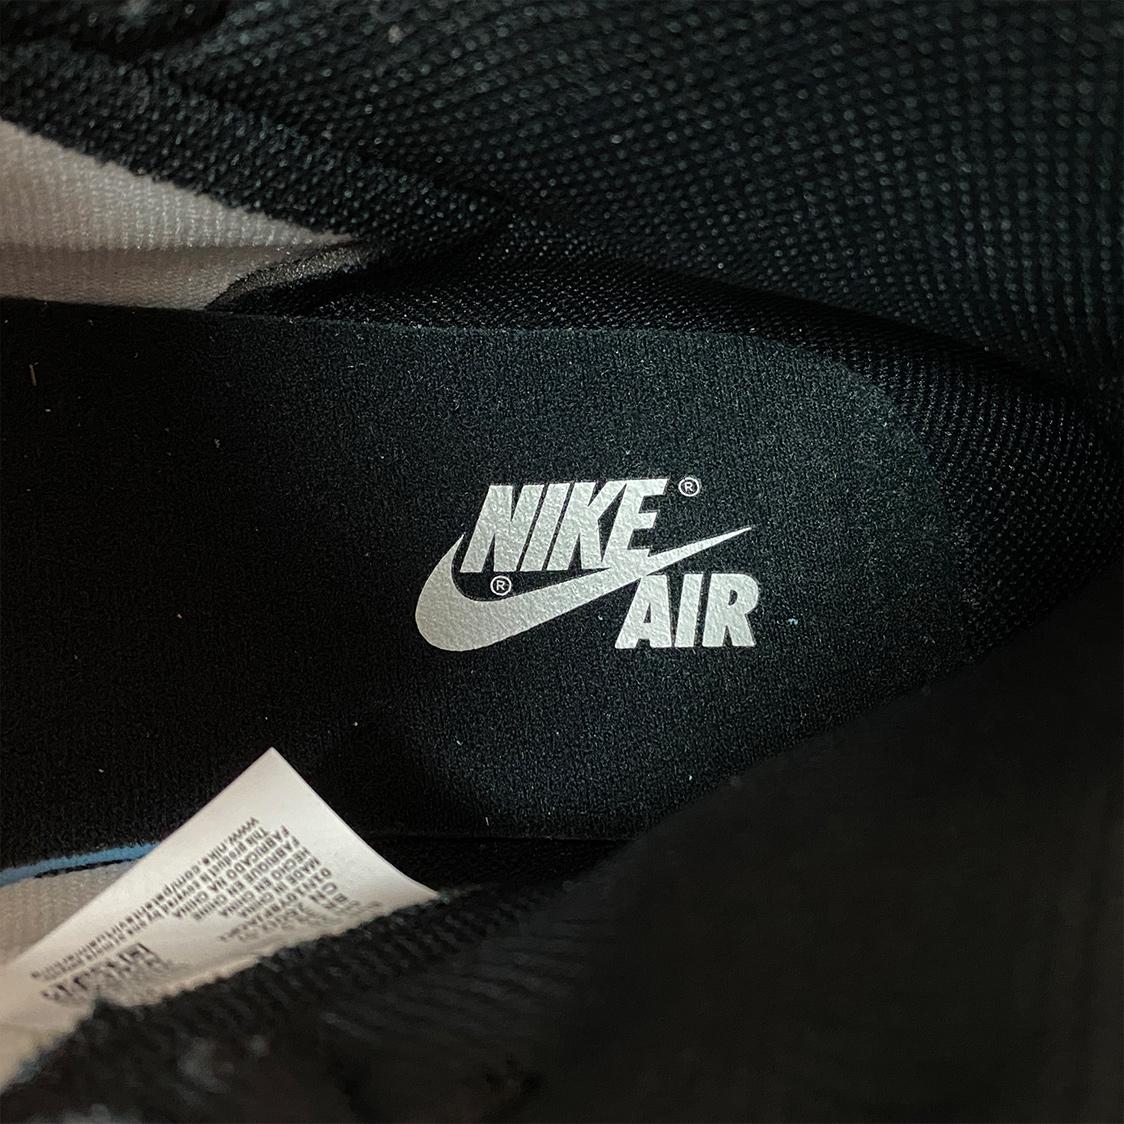 新品 NIKE ナイキ 【26cm/US8】 AIR JORDAN 1 HIGH OG SAIL/DARK MOCHA-BLACK エアジョーダン1 ハイ OG セイル/ダークモカブラック